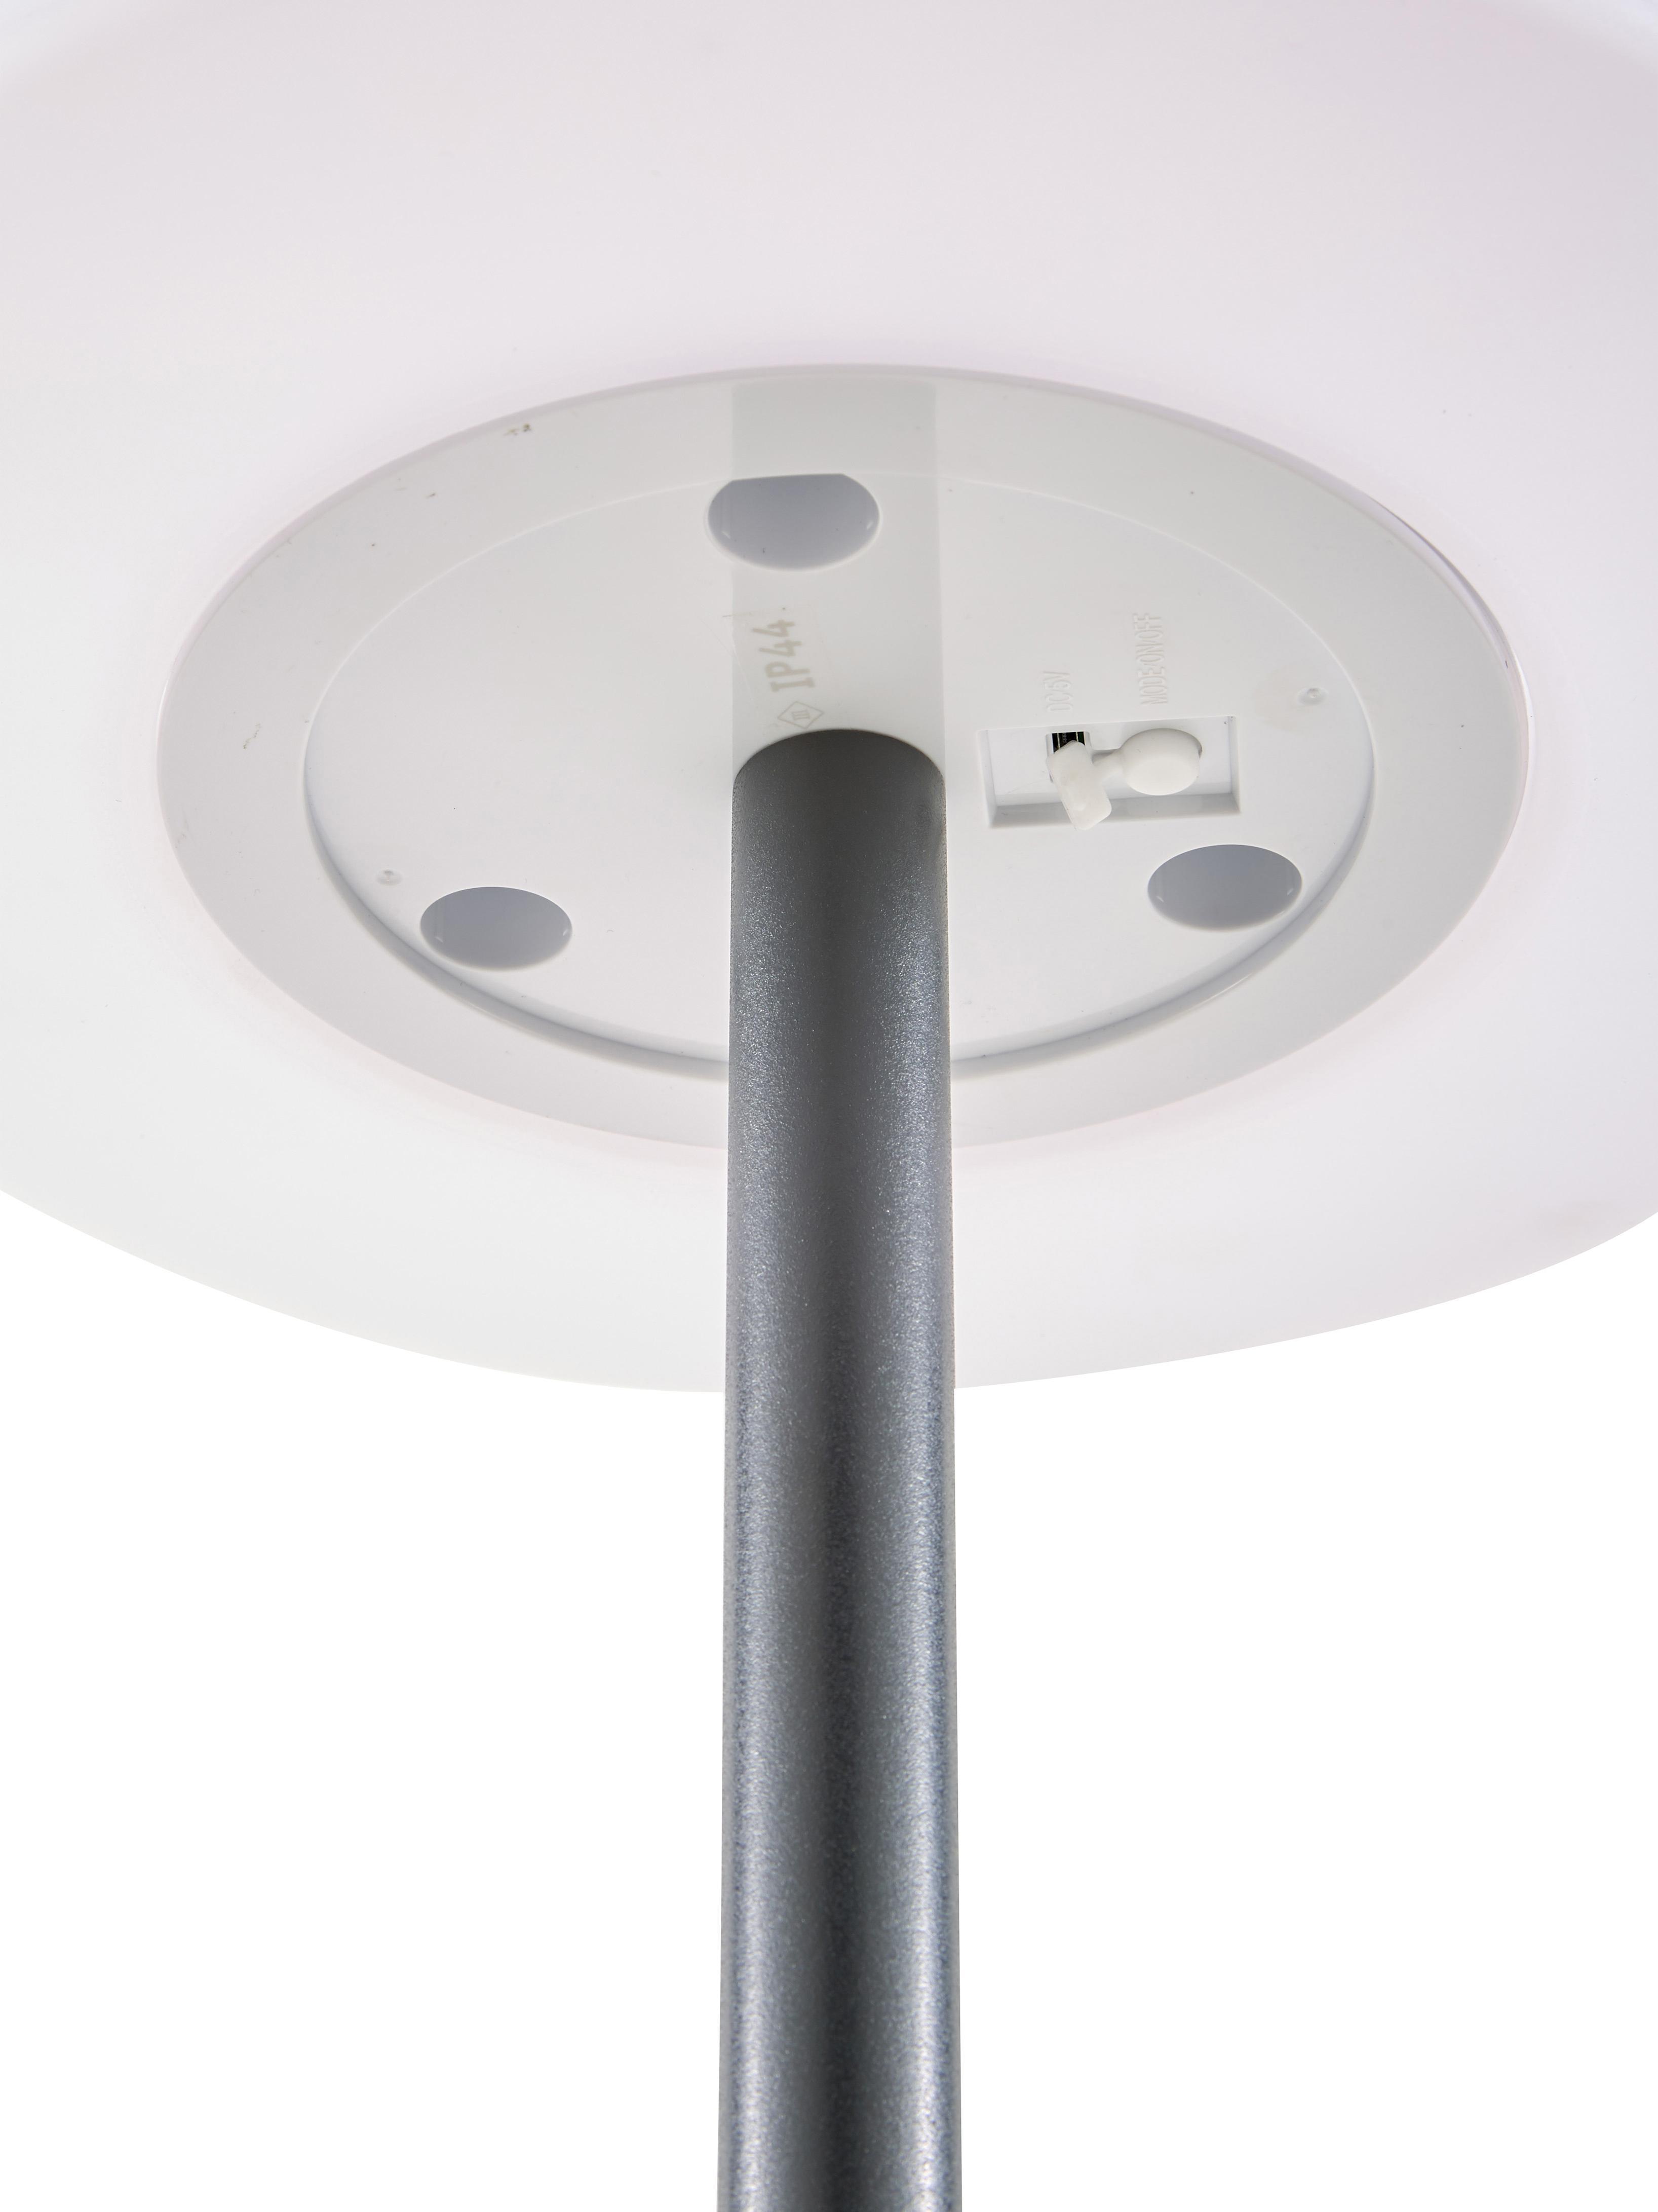 Mobiele outdoor LED vloerlamp Placido, Lampvoet: gecoat metaal, Lampenkap: kunststof, Wit, zwart, Ø 31 x H 150 cm